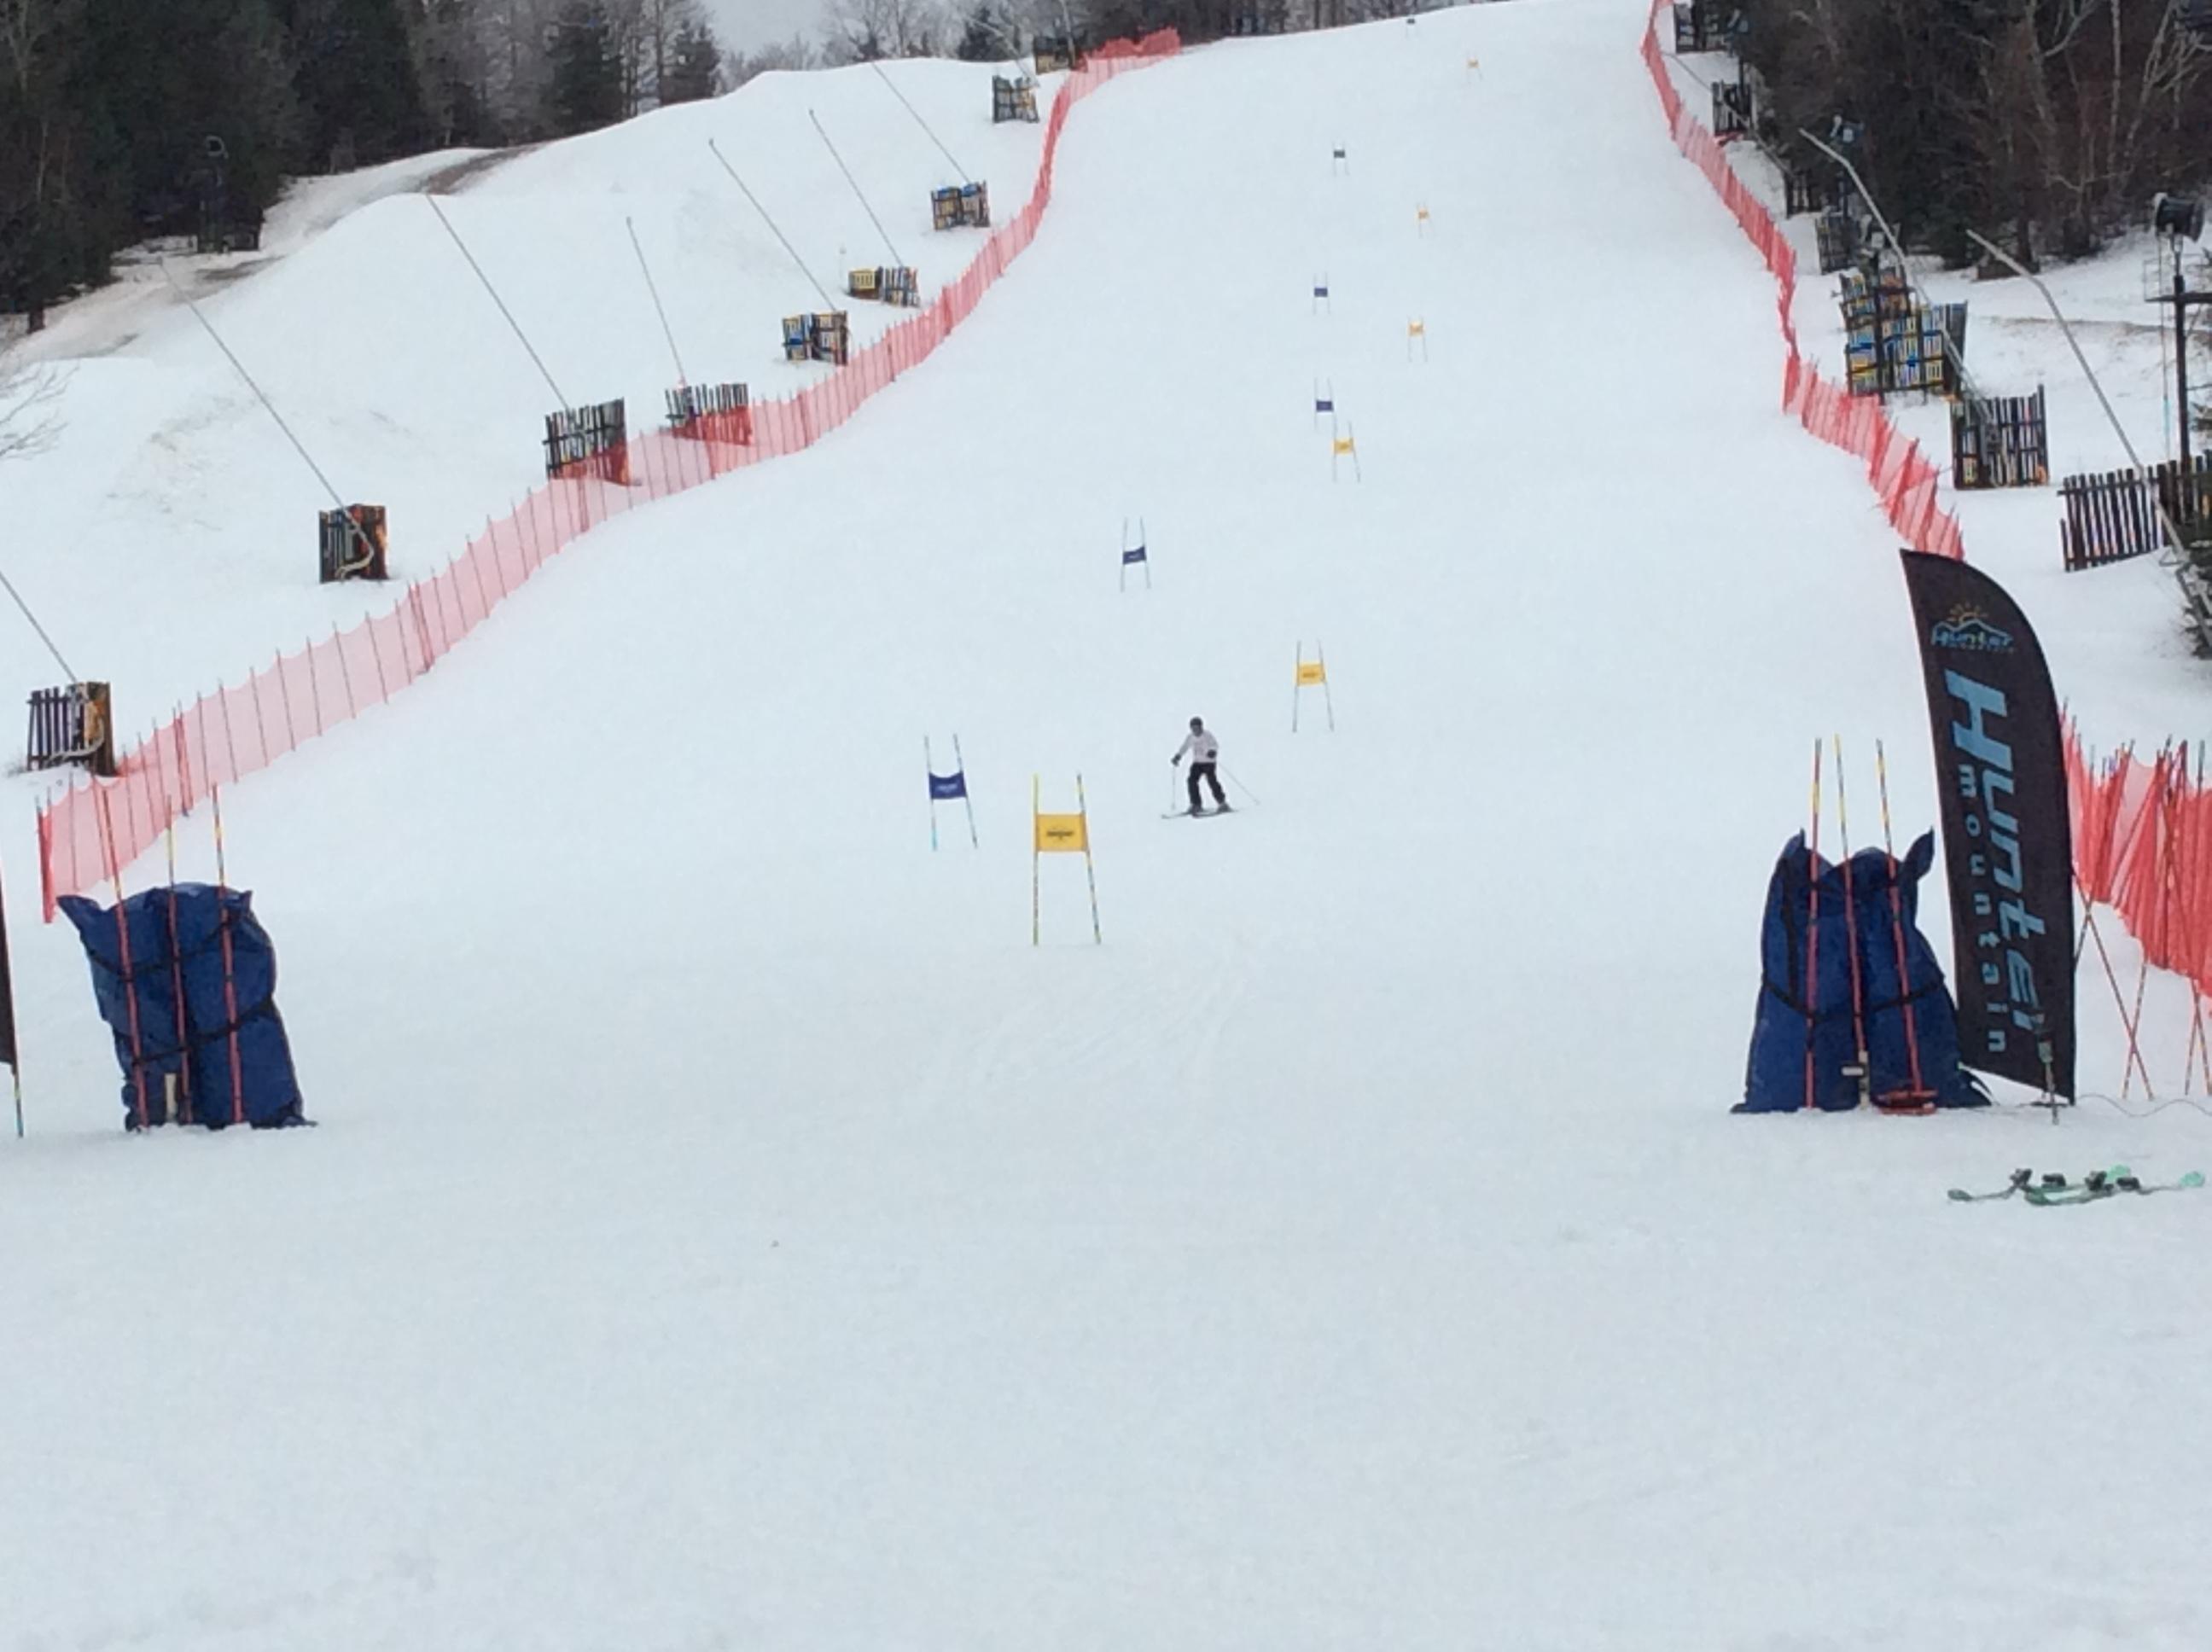 nypd-ski-club_31585166753_o